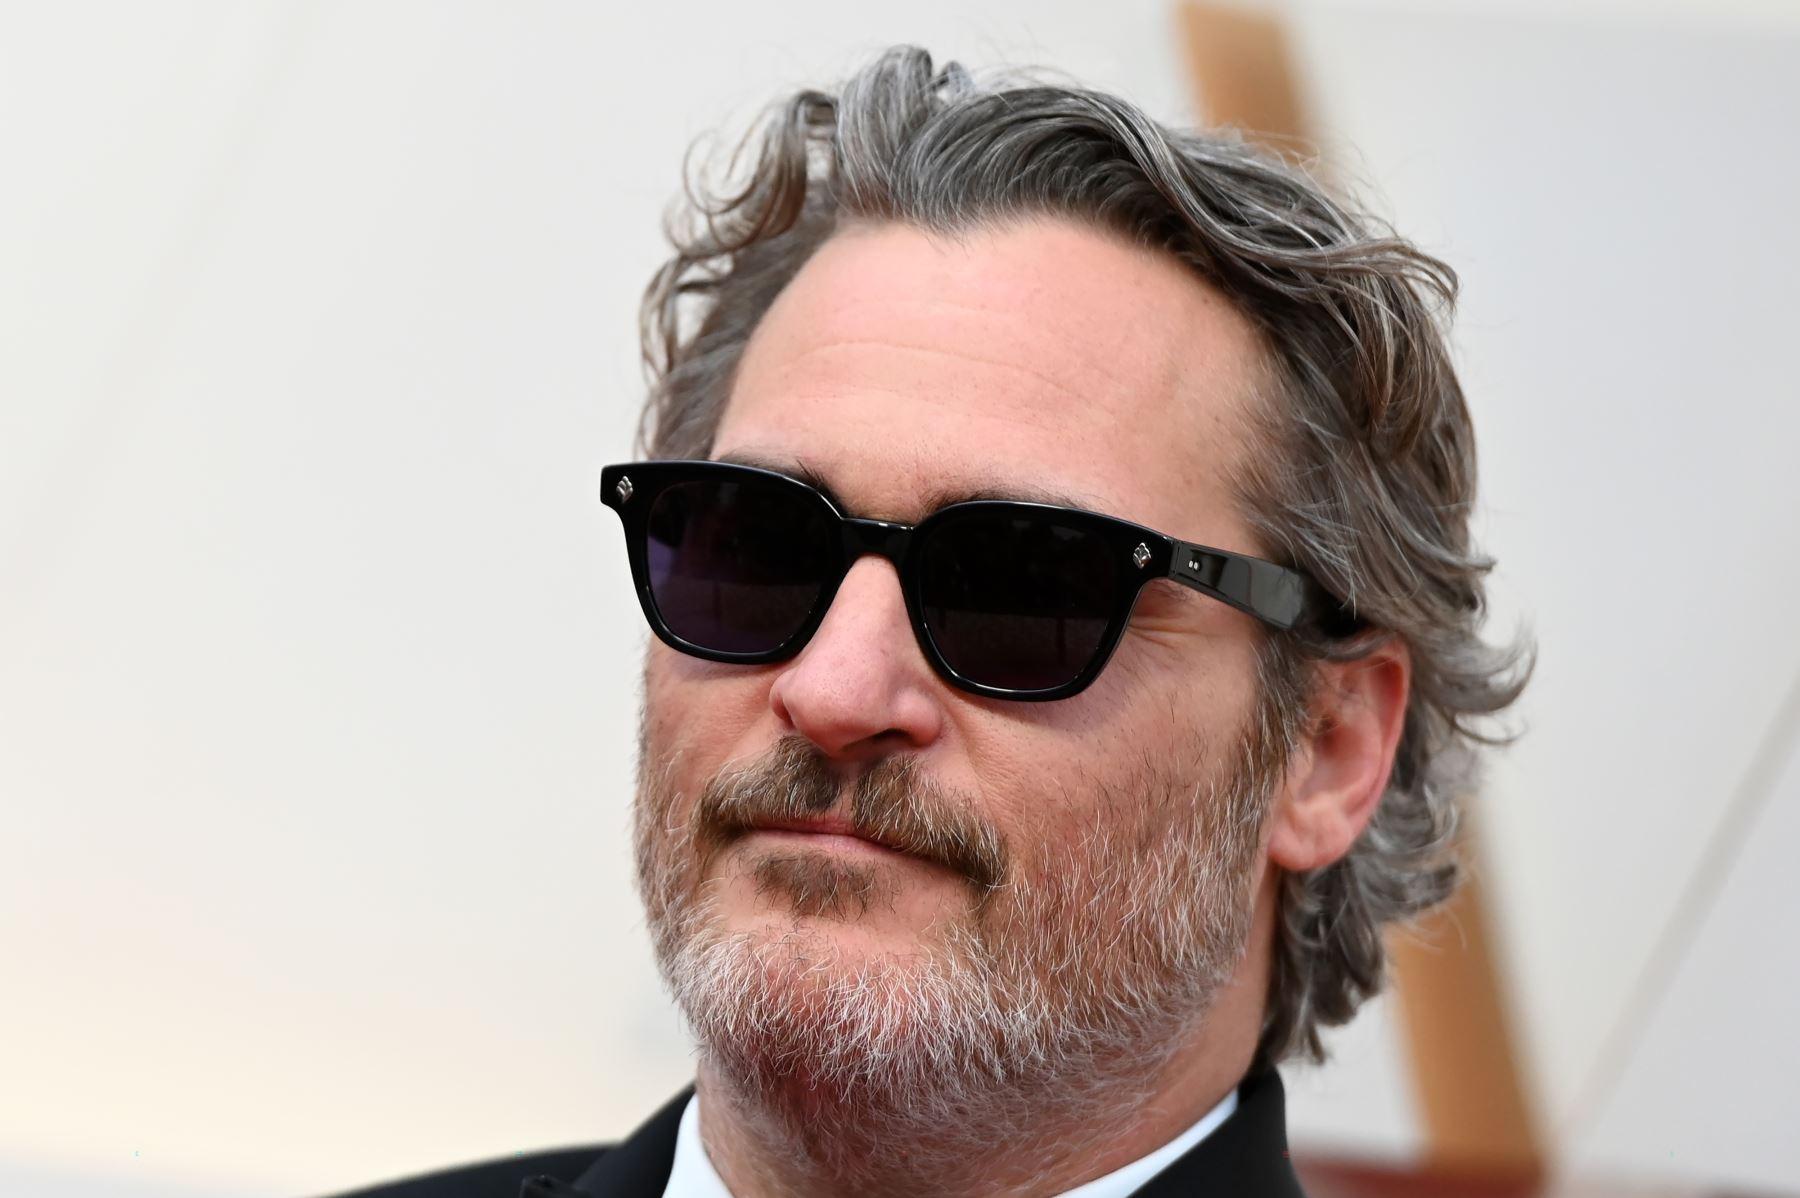 El actor estadounidense Joaquín Phoenix llega para los 92o Oscar en el Dolby Theatre de Hollywood, California. Foto: AFP